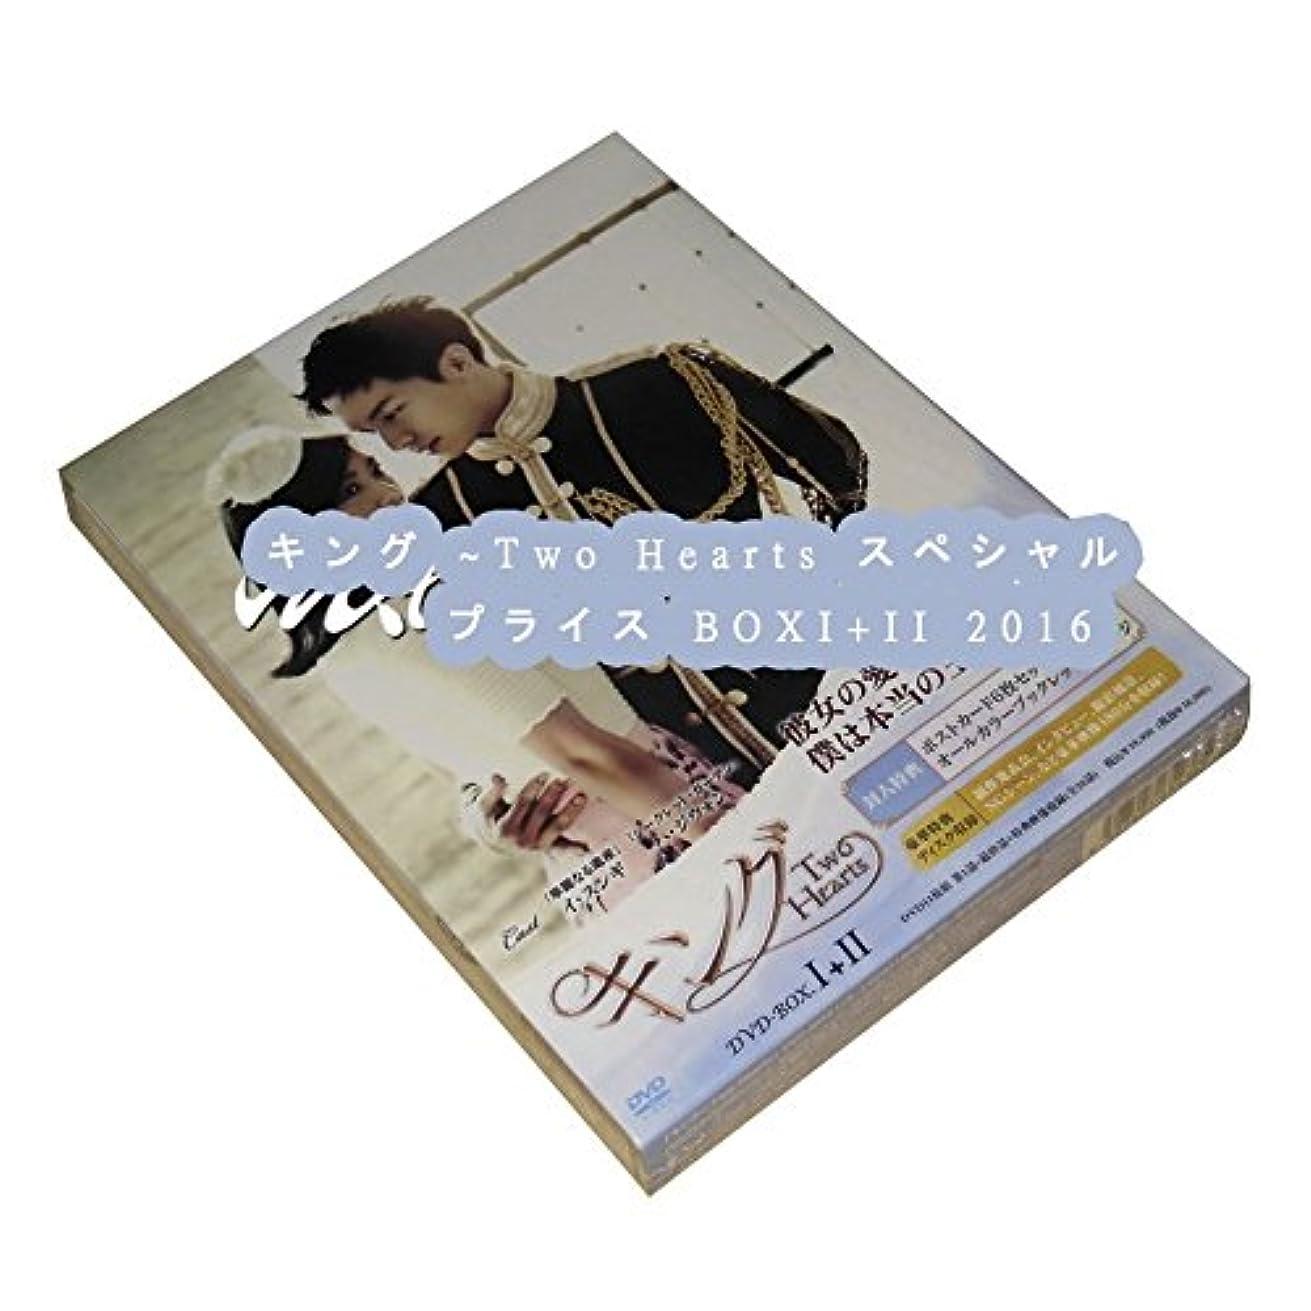 服を着る取り戻す研究キング ~Two Hearts スペシャル・プライス BOXI+II 2016